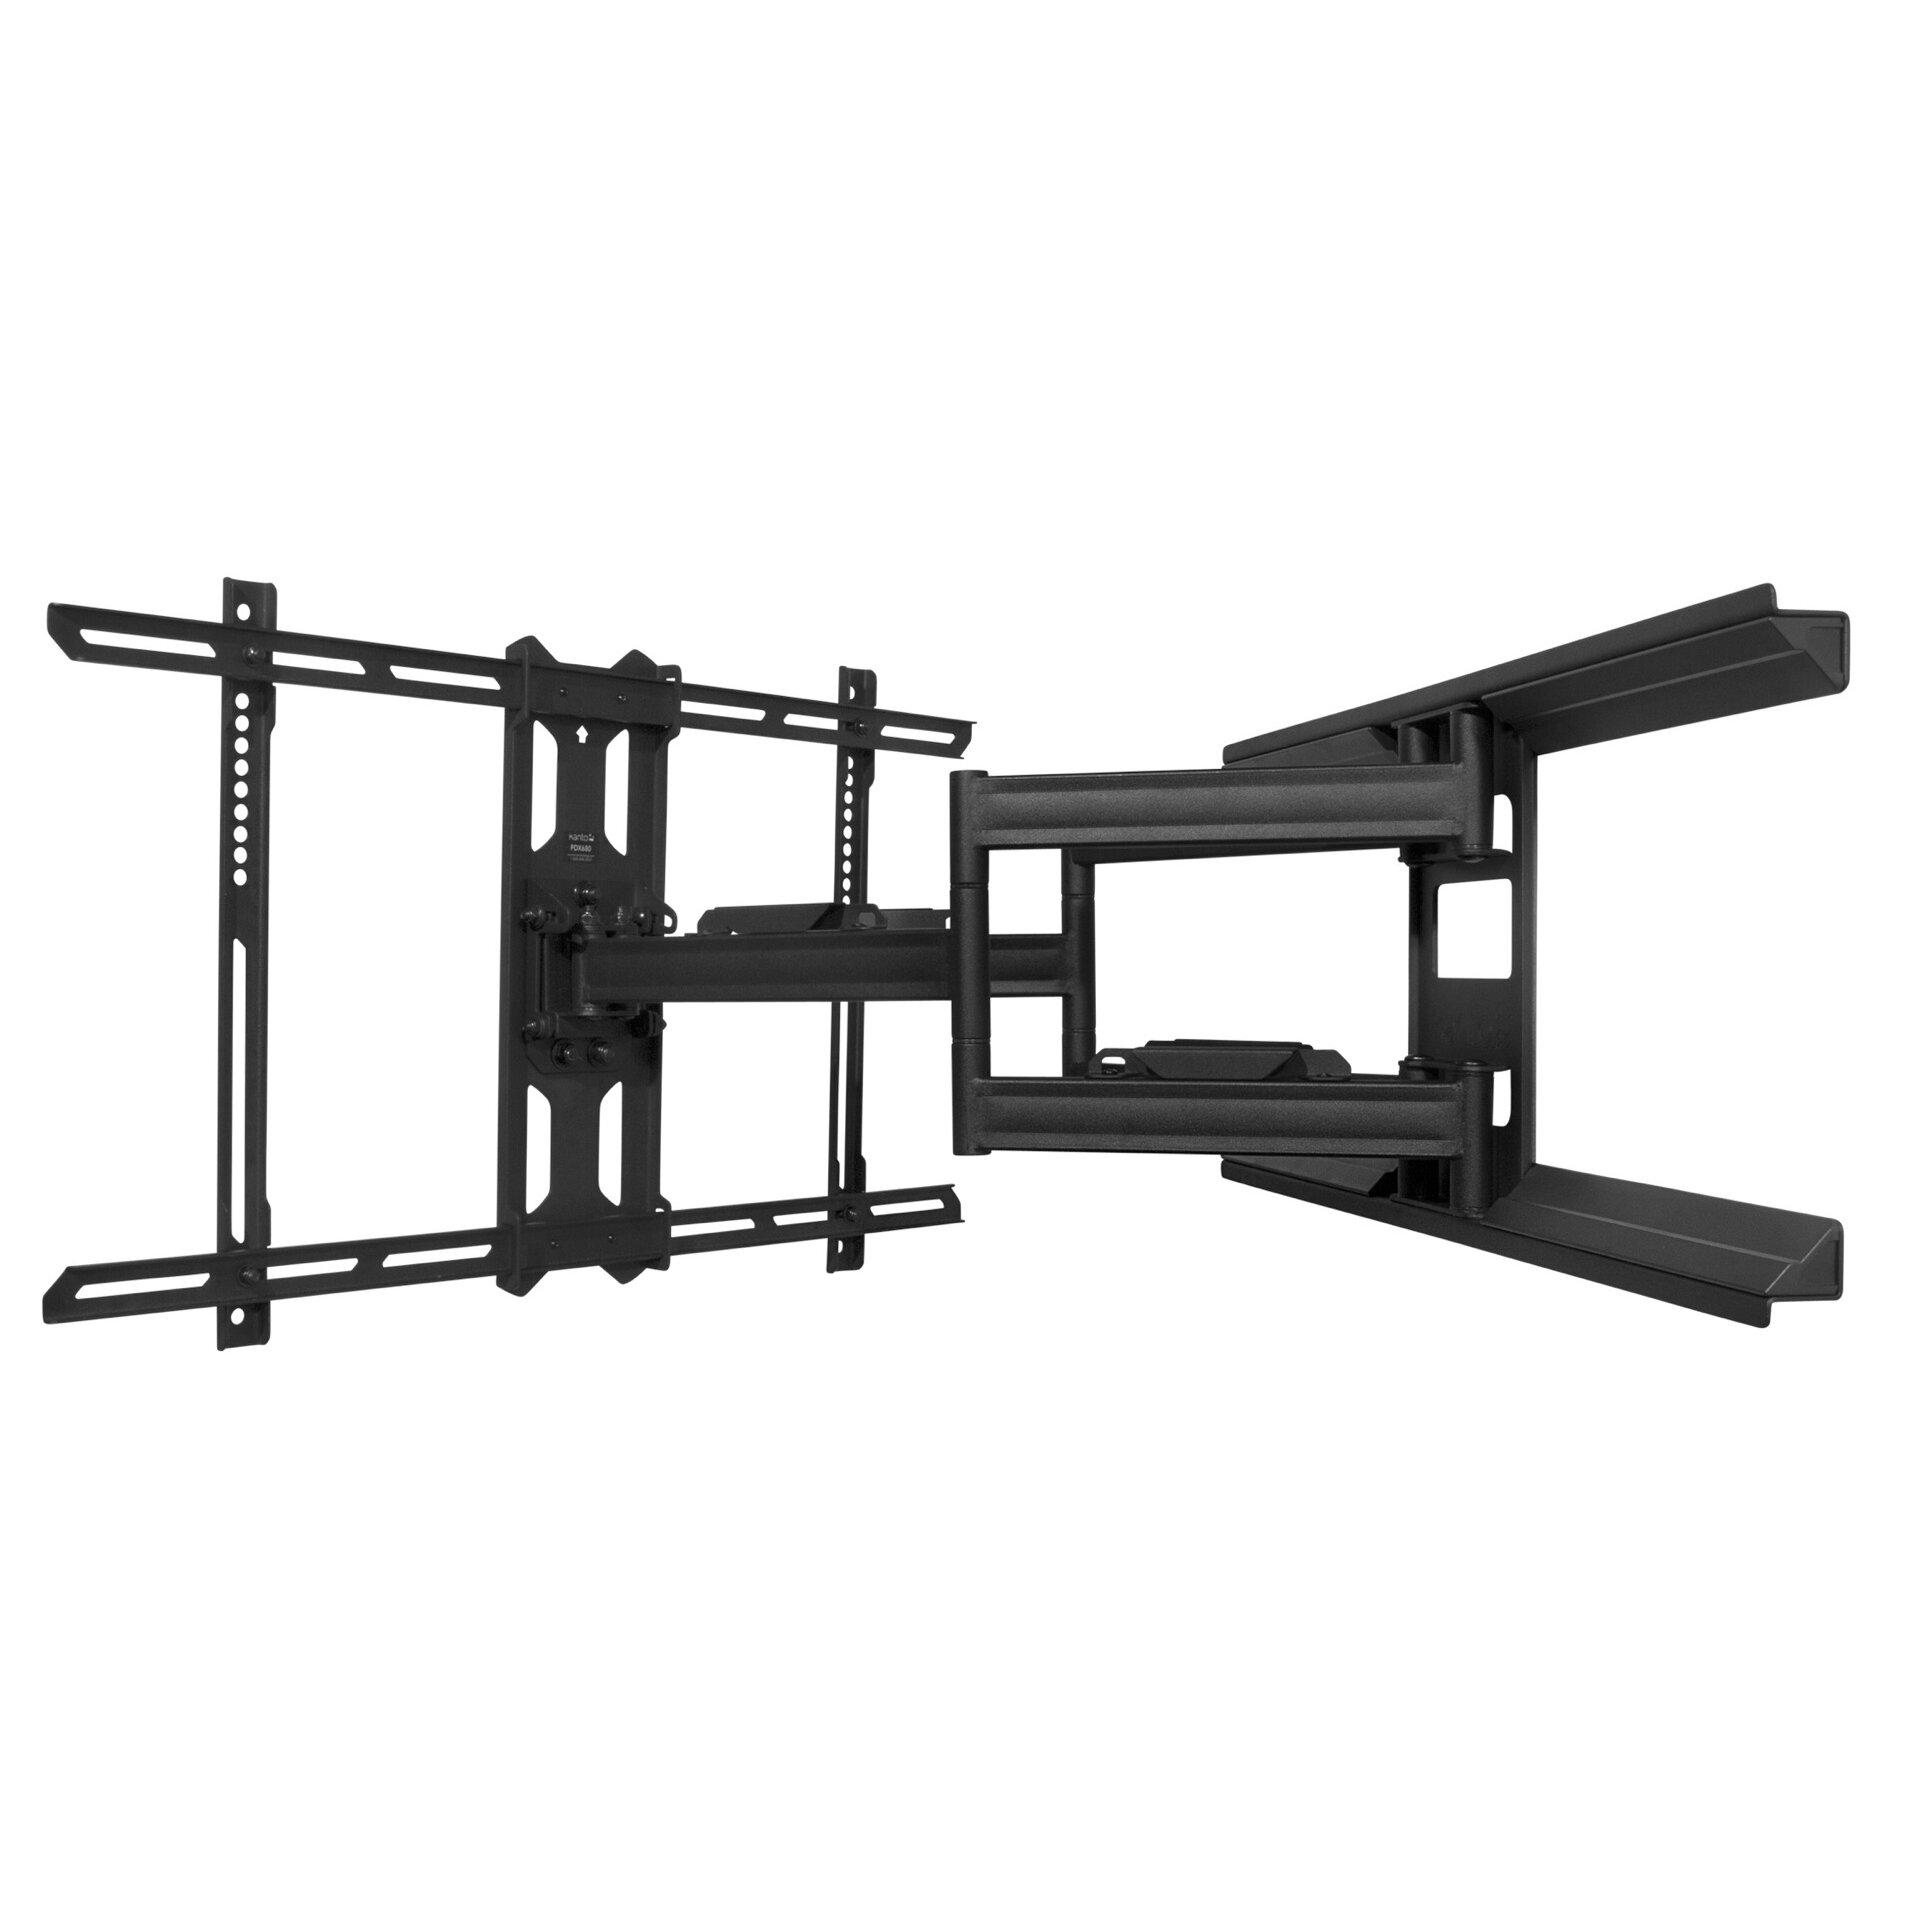 Kanto Full Motion Mount For 39 75 Flat Panel Tv